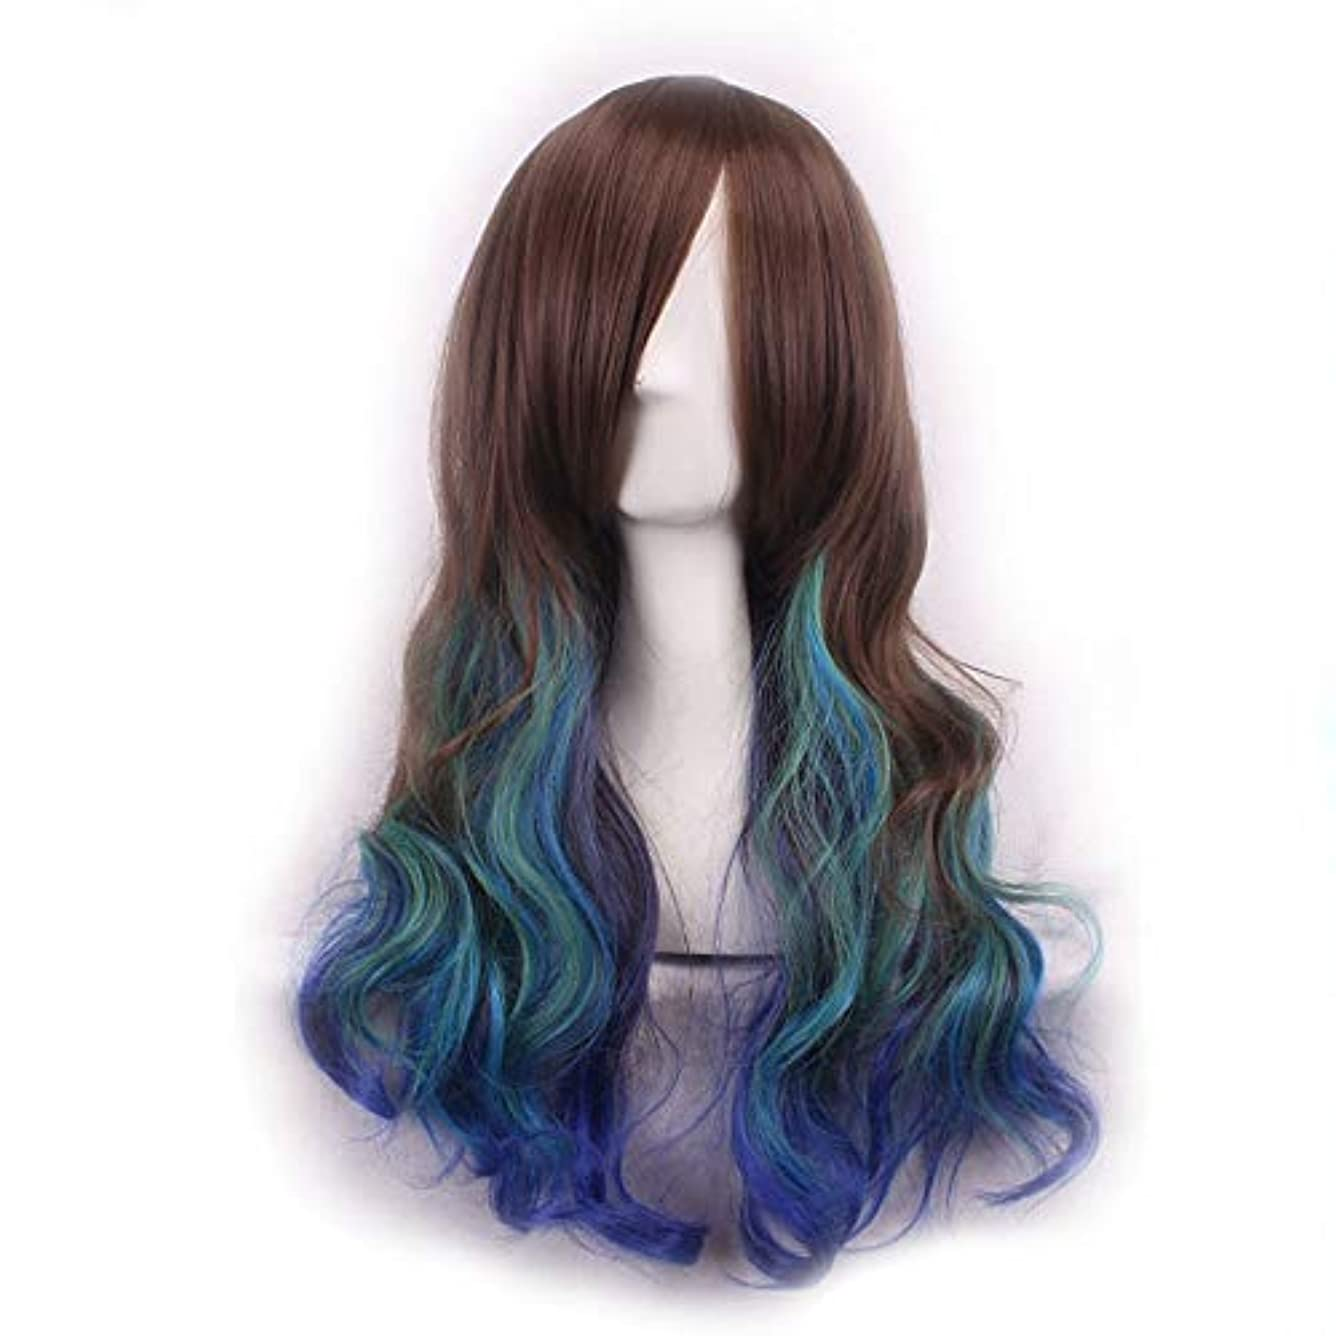 捕虜間違いなく実際にかつらキャップでかつらファンシードレスカールかつら女性用高品質合成毛髪コスプレ高密度かつら女性&女の子ブルー、レッド (Color : 青)